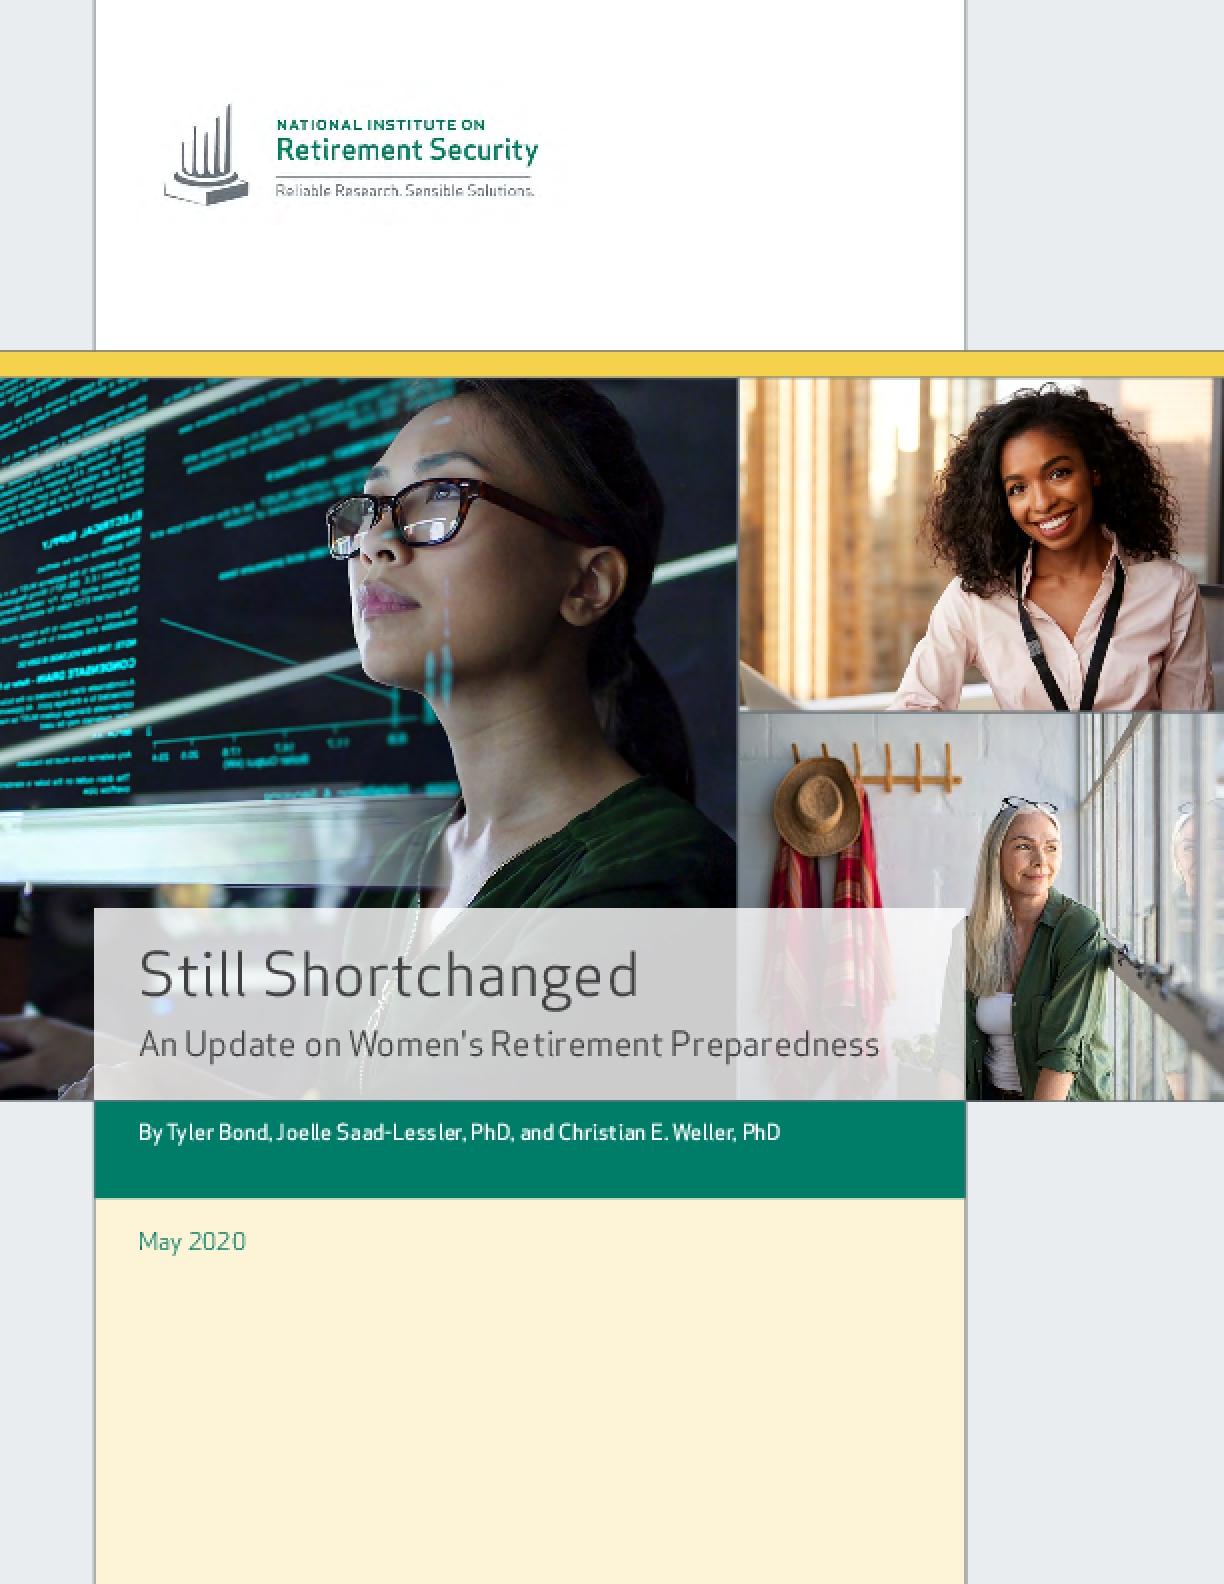 Still Shortchanged: An Update on Women's Retirement Preparedness